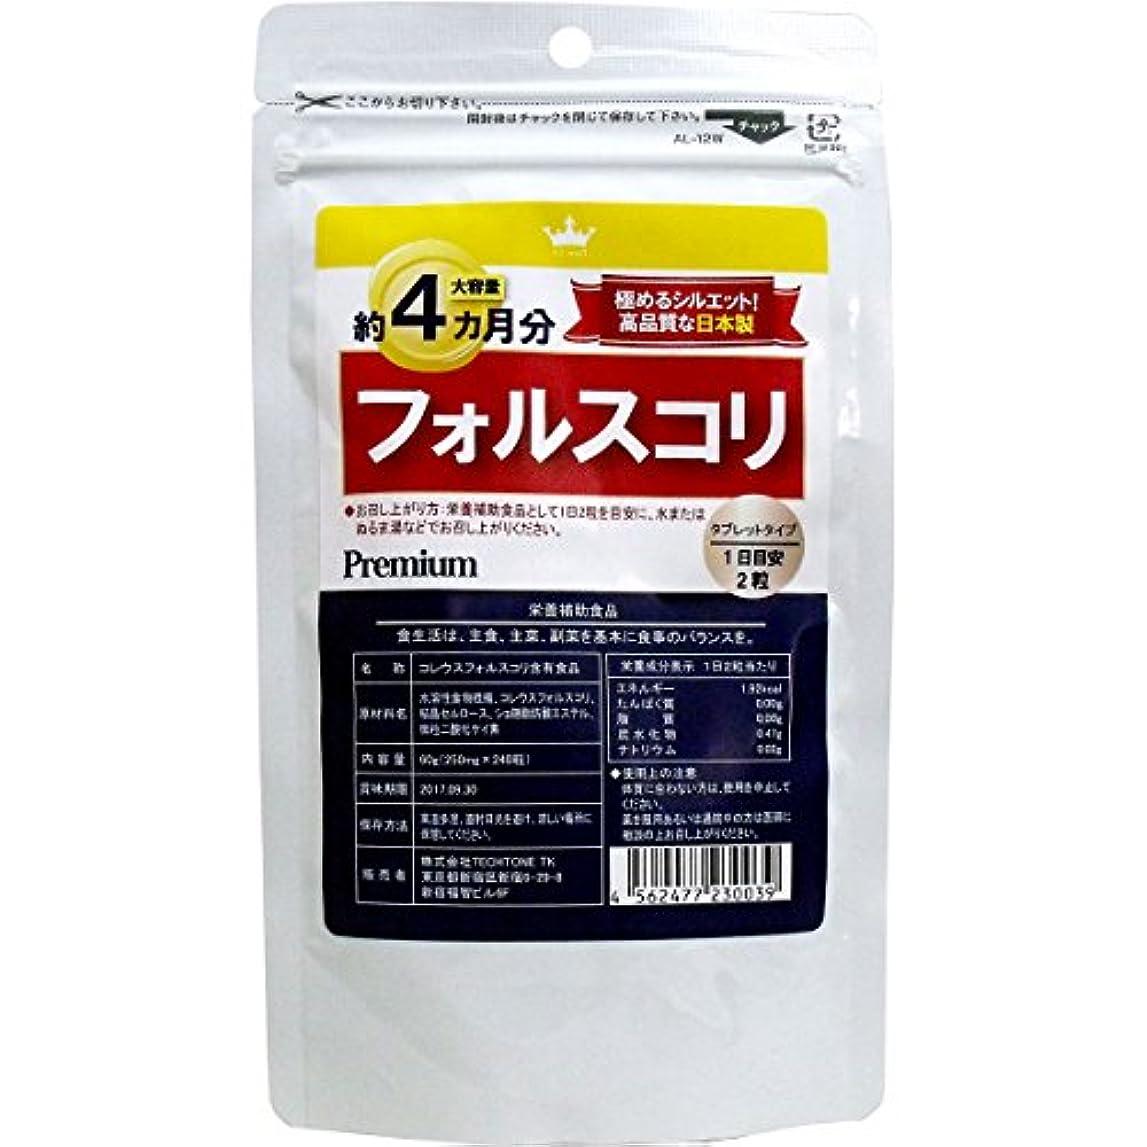 パン判読できない予見するサプリ 高品質な日本製 話題の フォルスコリ 約4カ月分 240粒入【4個セット】